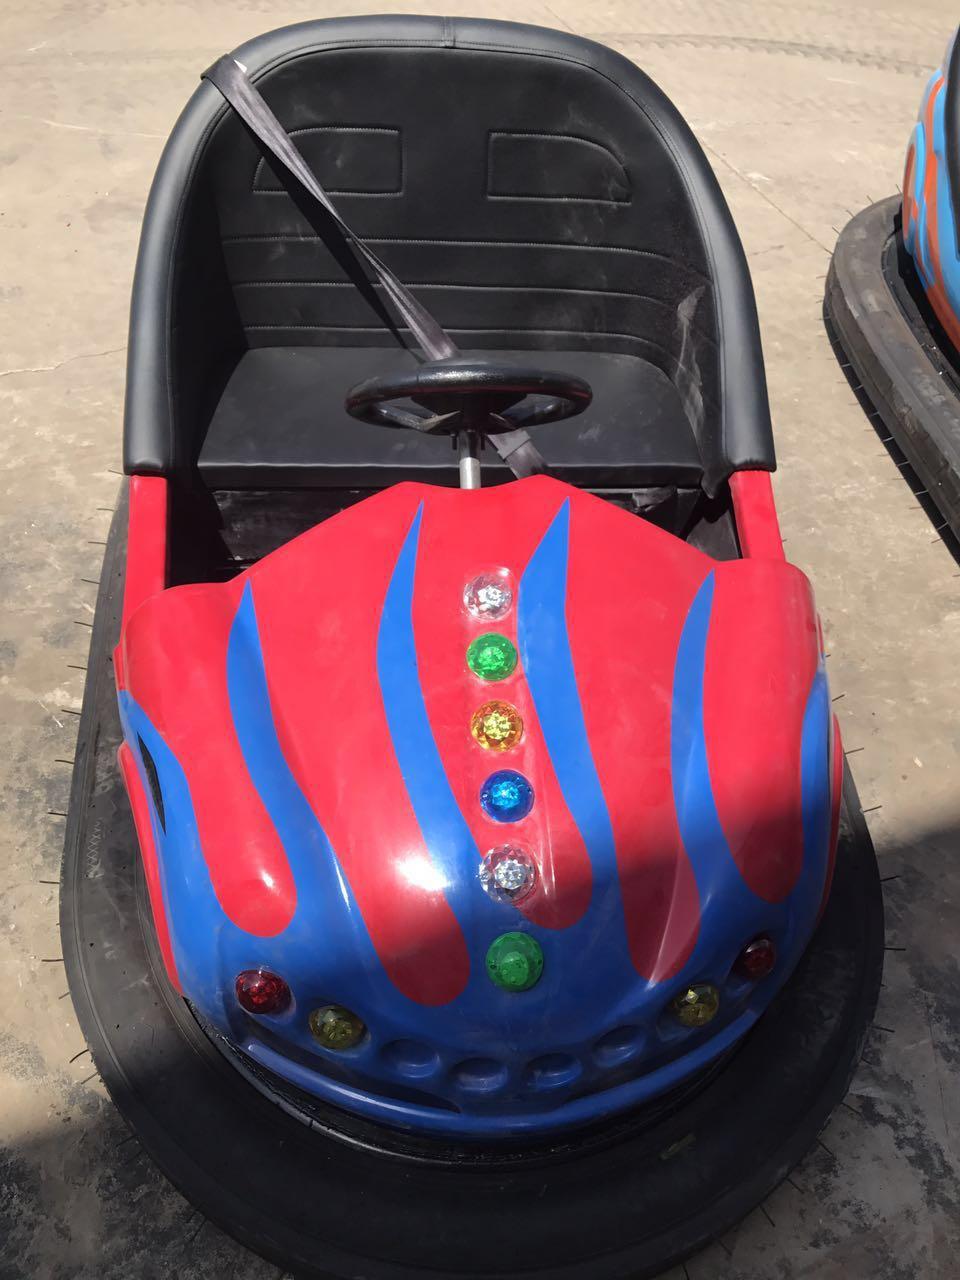 sanchuan high quality floor bumper car, amusement ride golden bumper car